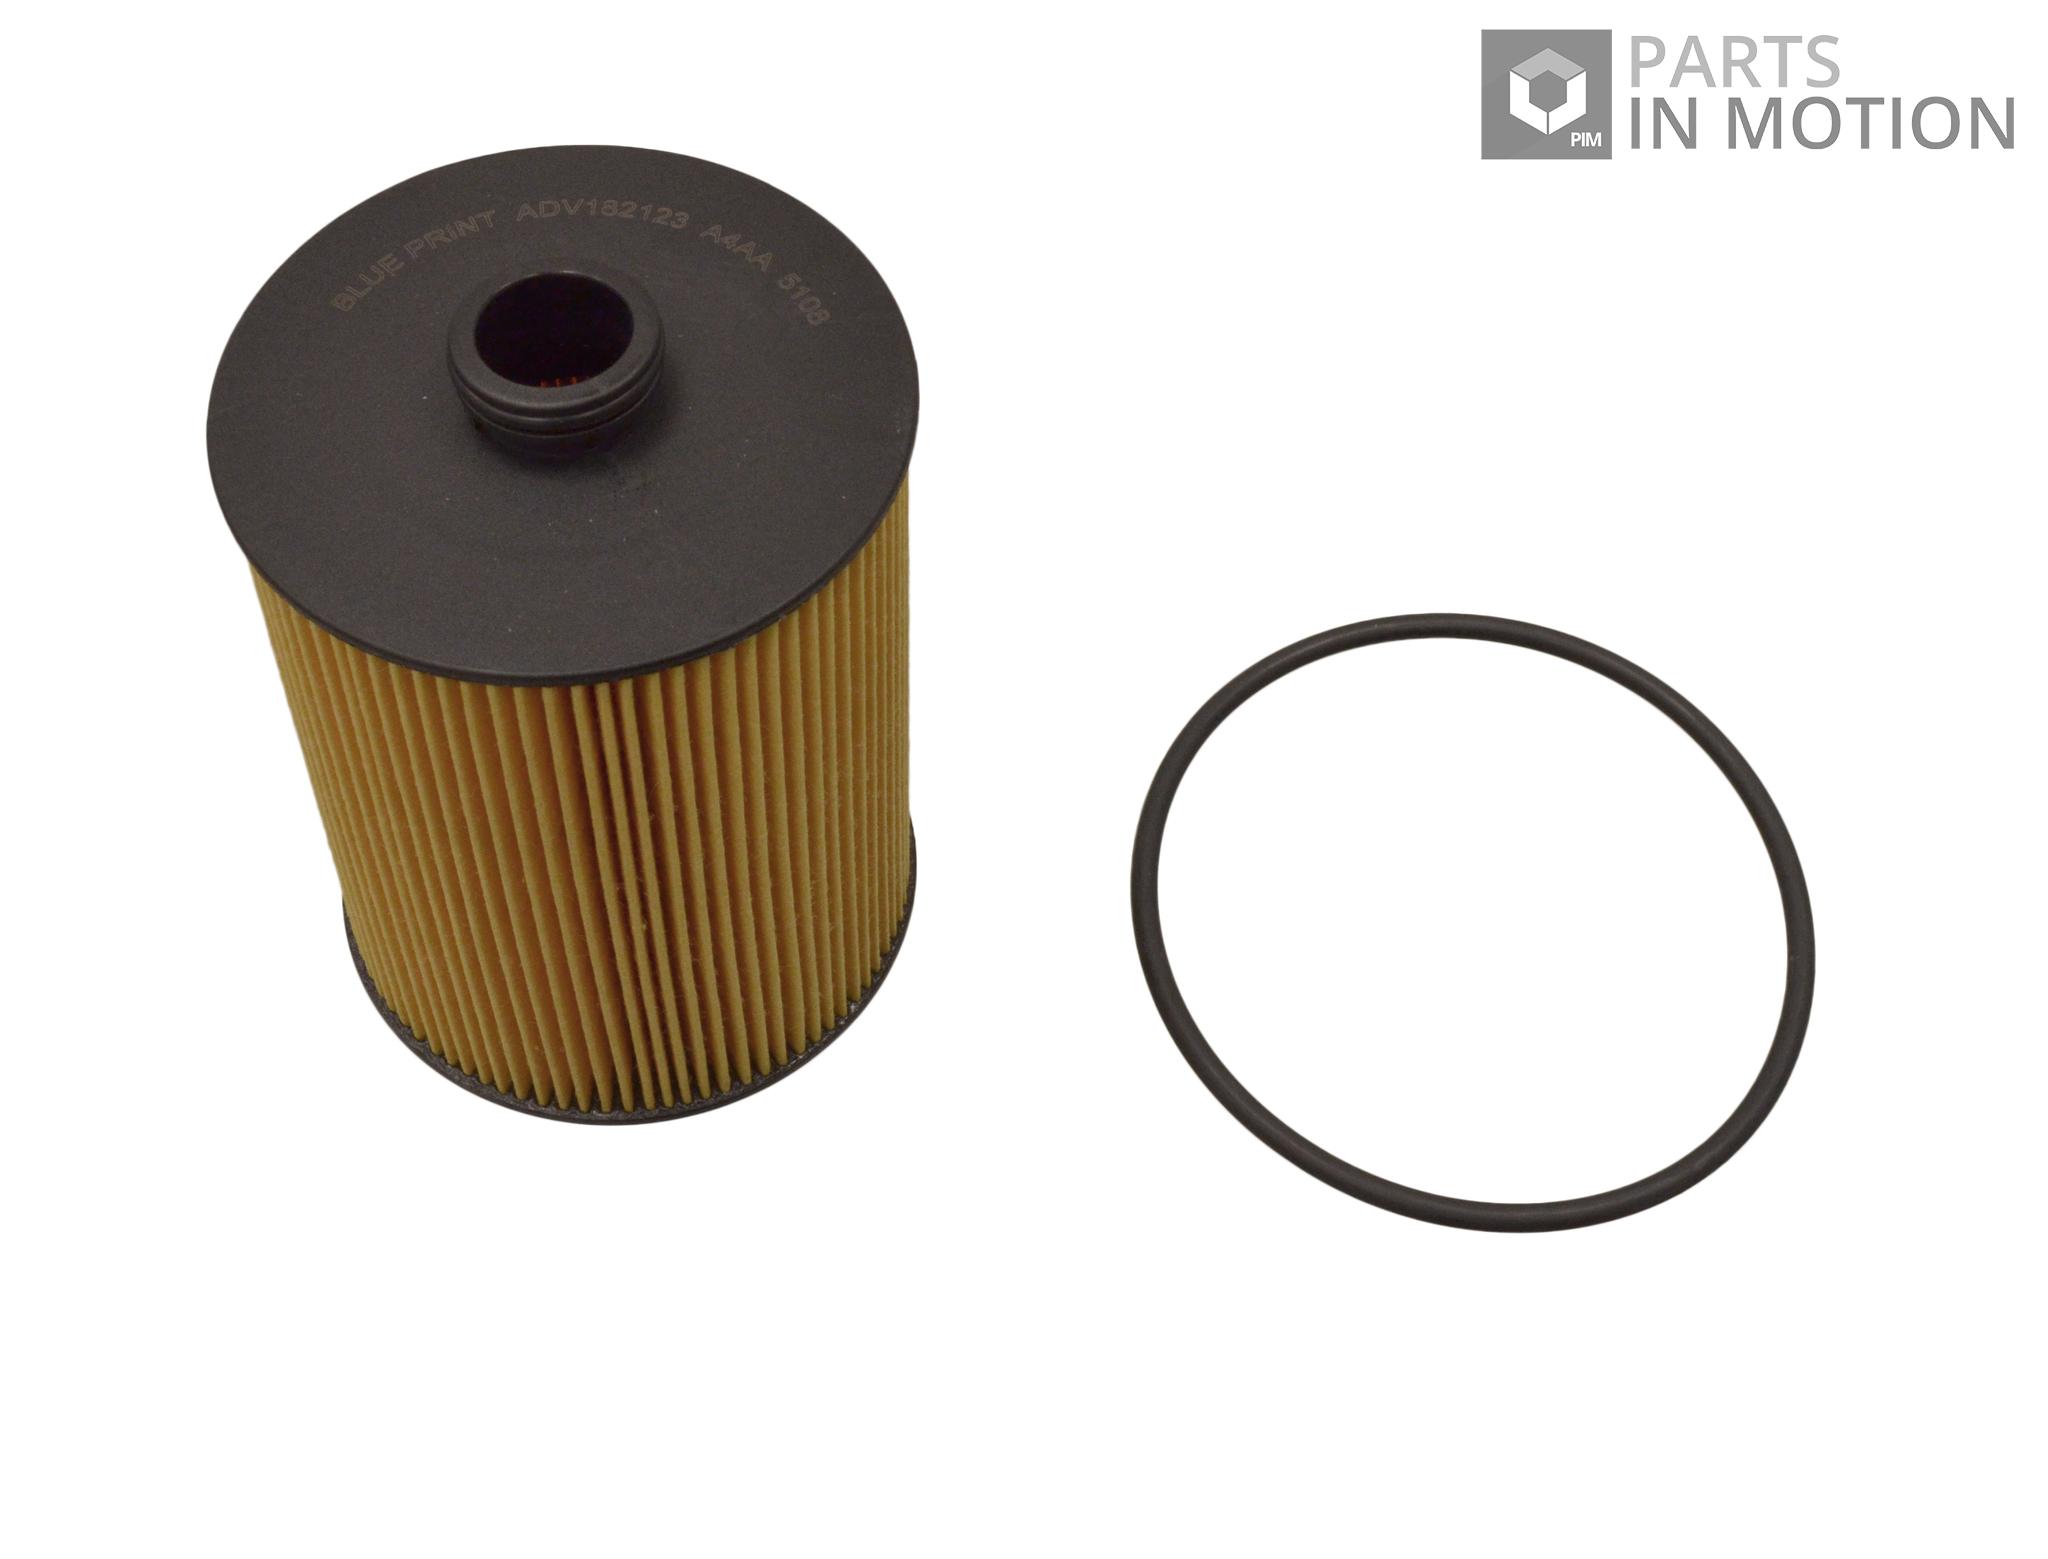 PORSCHE CAYENNE 92A 3.6 Oil Filter 2010 on M55.02 Bosch 95510756100 Quality New